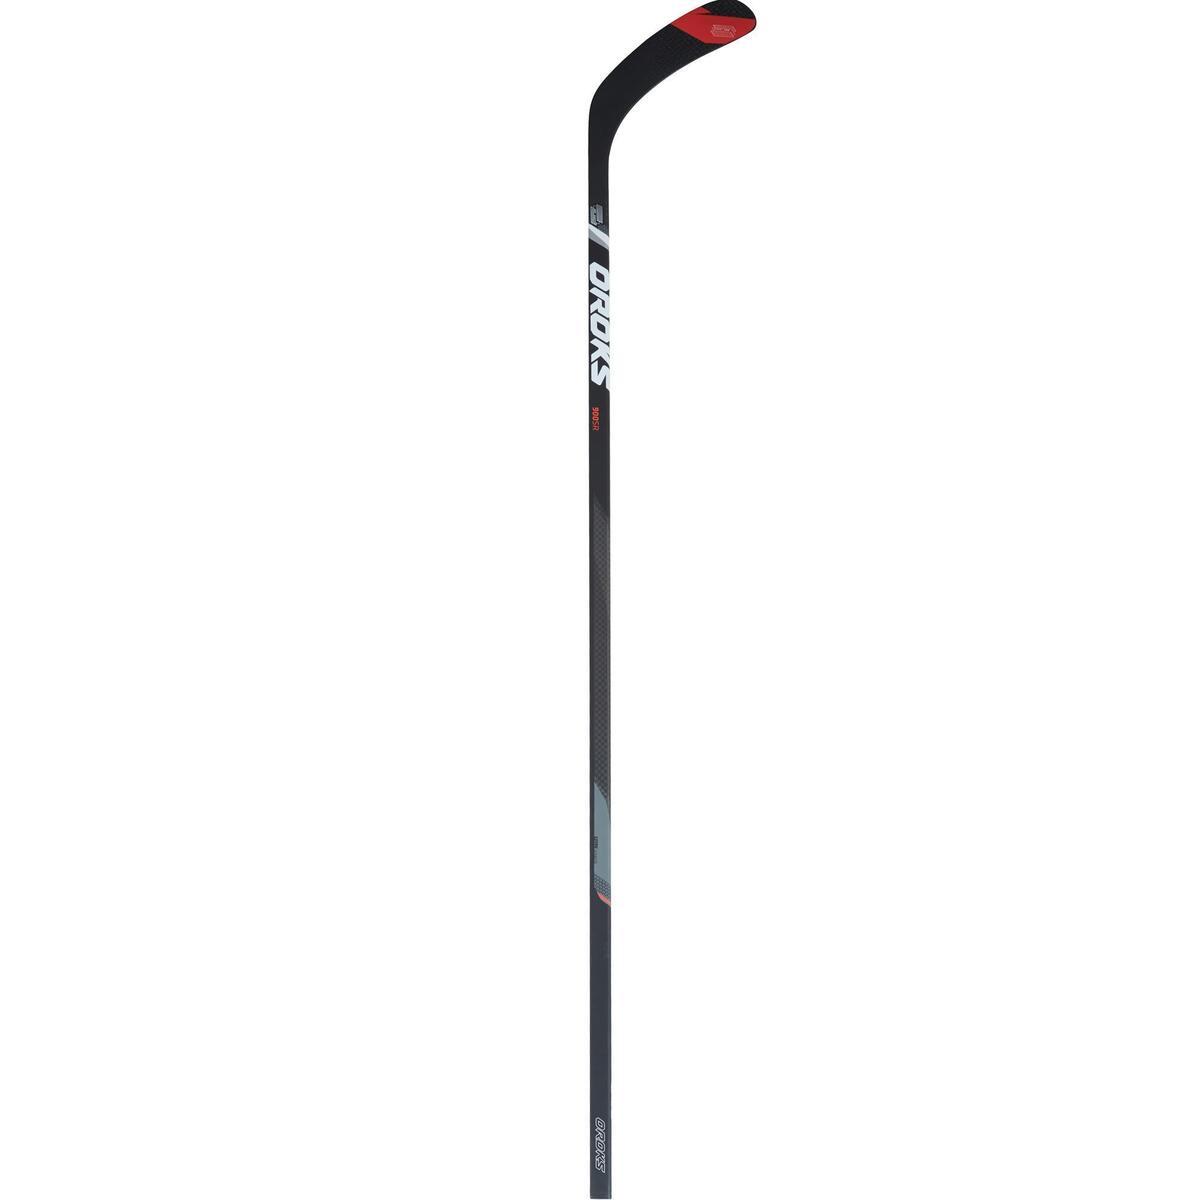 Bild 1 von Eishockeyschläger IH 900 Erwachsene 95 rechts